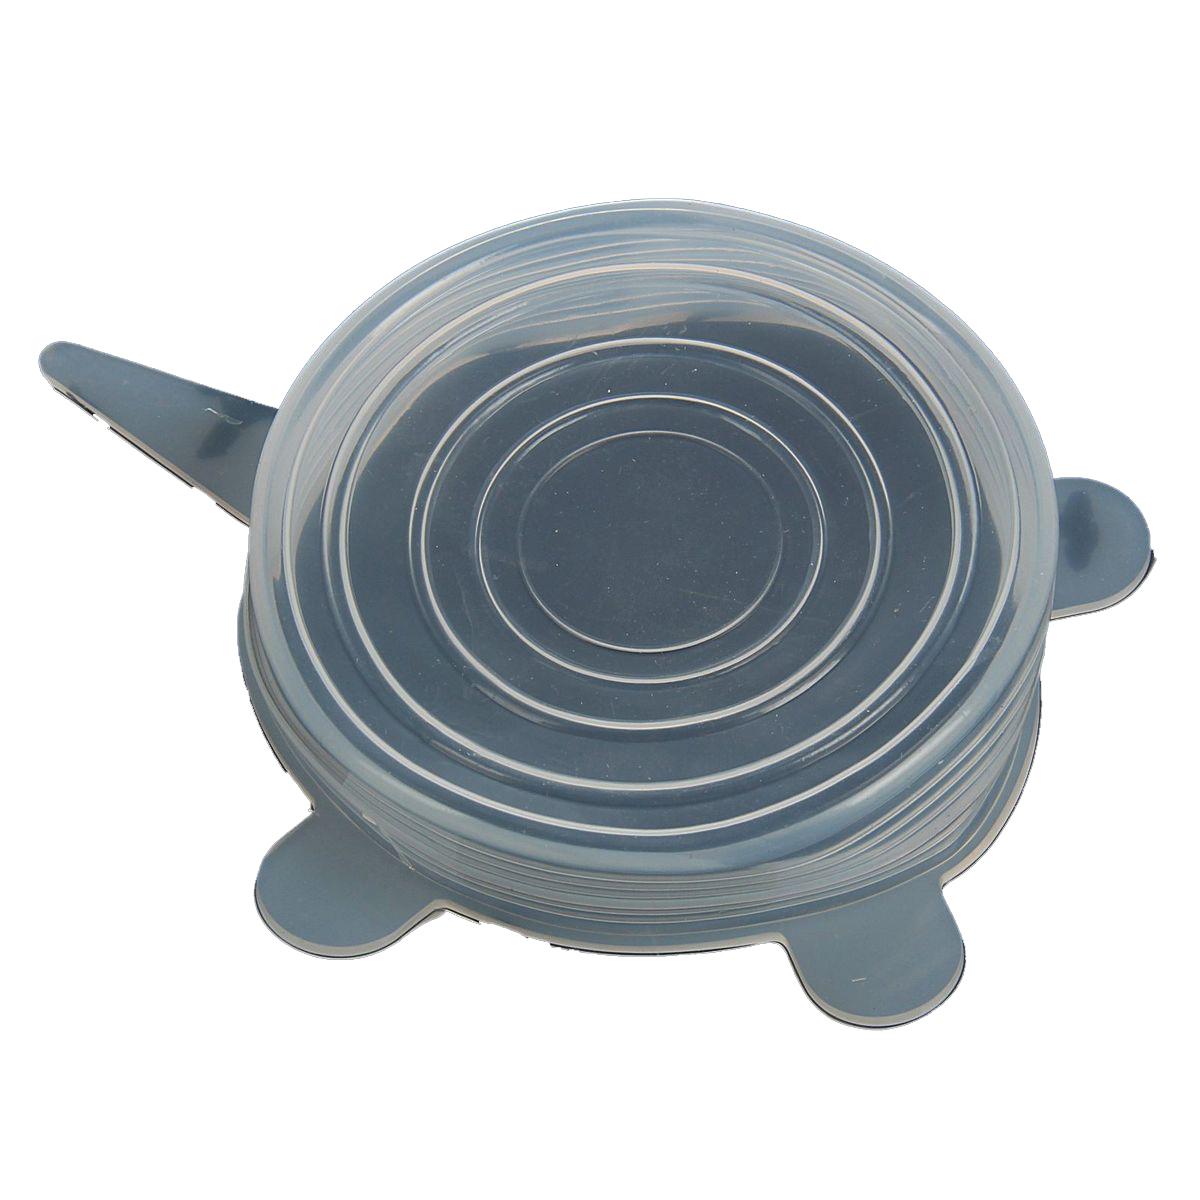 Крышка для банки Доляна Черепашка, 7 см811914Крышка станет незаменимым помощником любой современной хозяйки! Она выполнена из безопасного пищевого силикона, устойчивого к температурам от -40 до +250 градусов. Изделие не впитывает посторонние запахи, удобно в транспортировке и хранении. Яркие света и необычная форма ручки привлекут внимание любого посетителя вашей кухни, а вам поможет не потерять крышку среди остальной посуды.